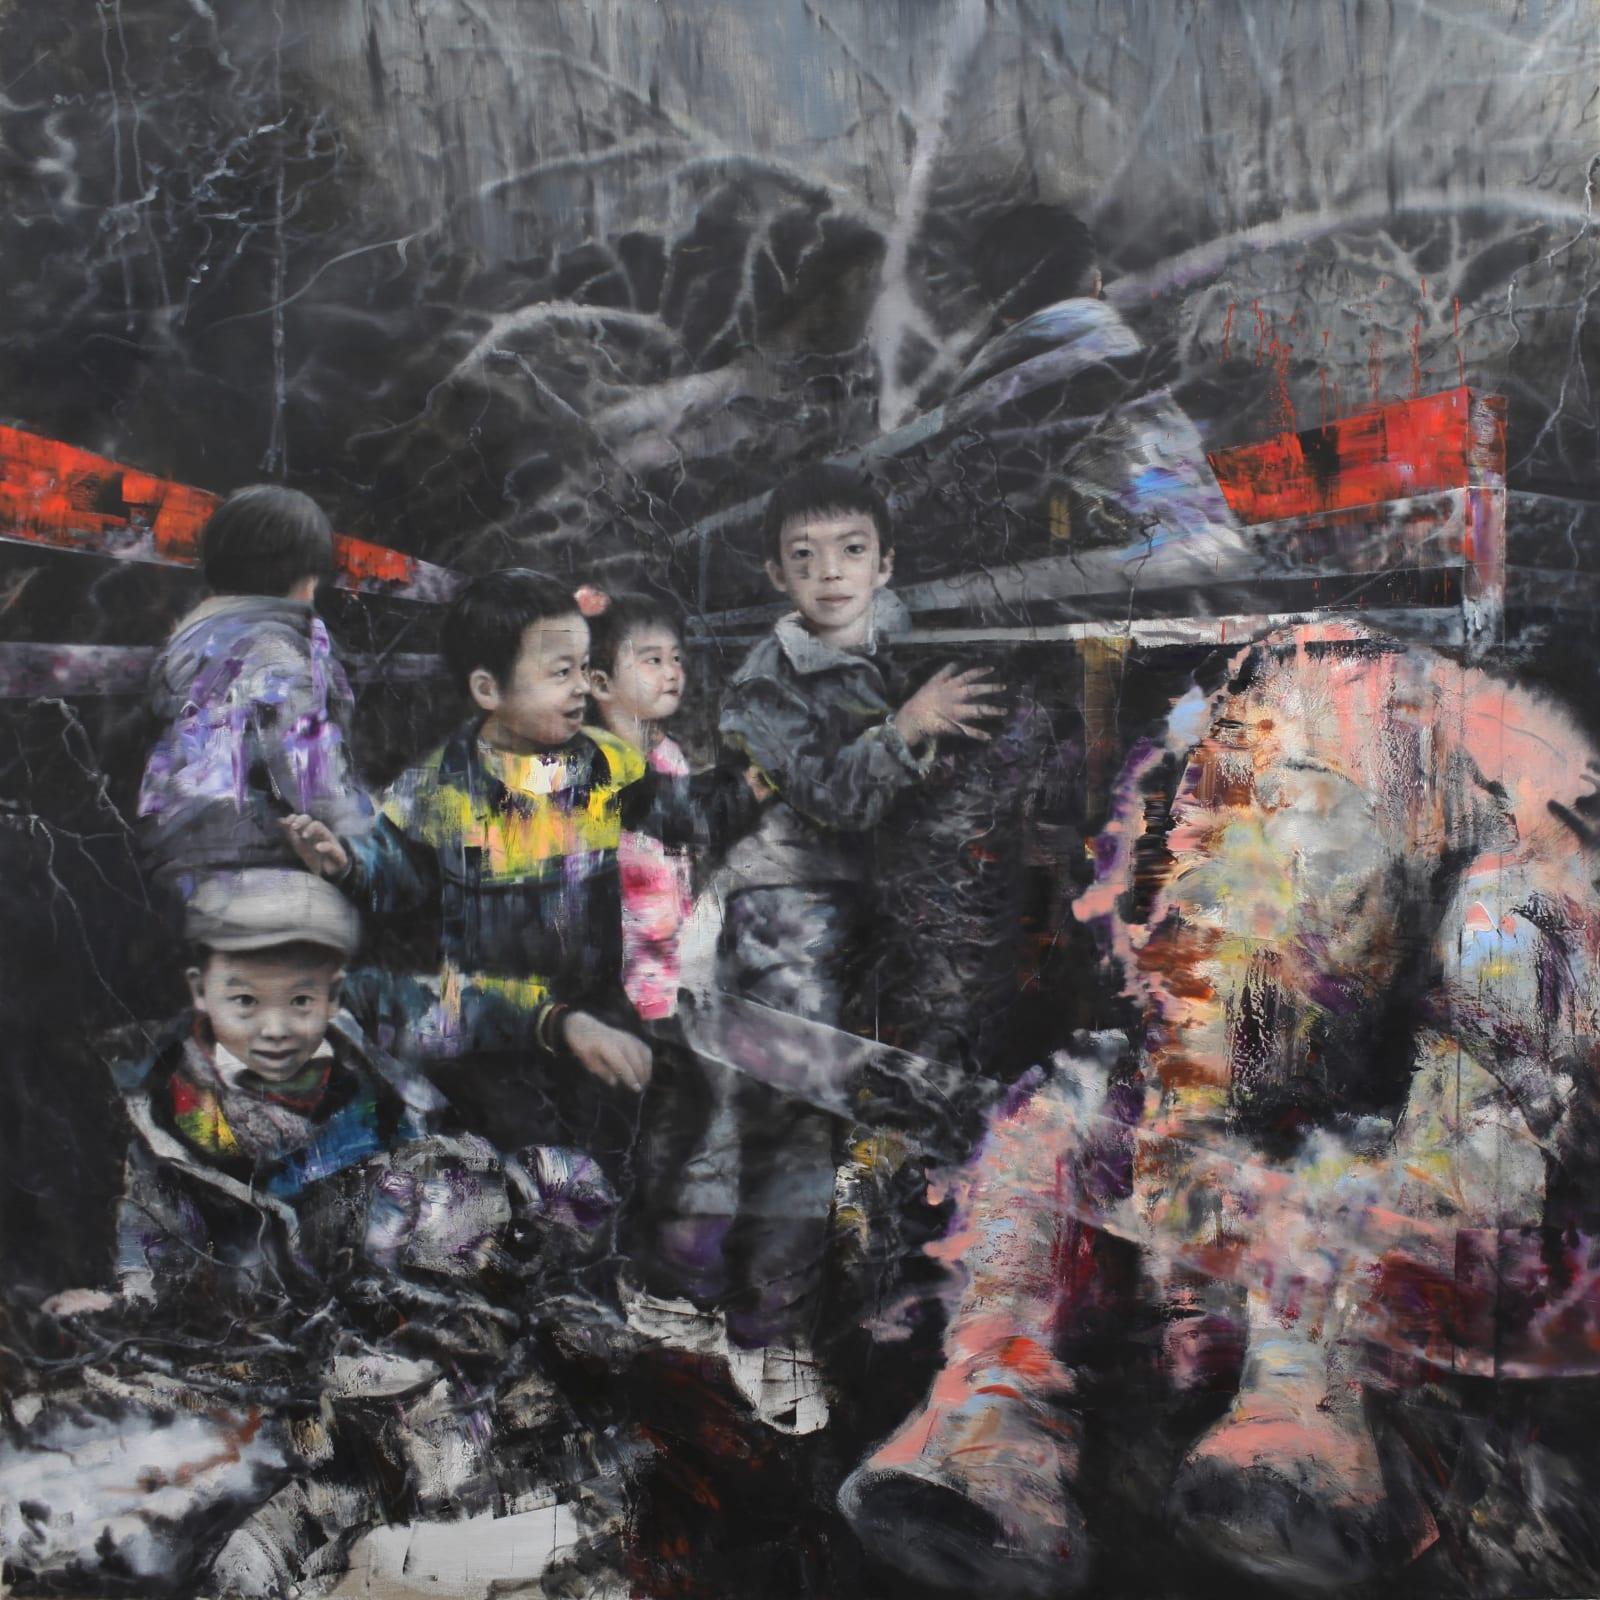 Tianbing Li, Sous Les Branches, 2017